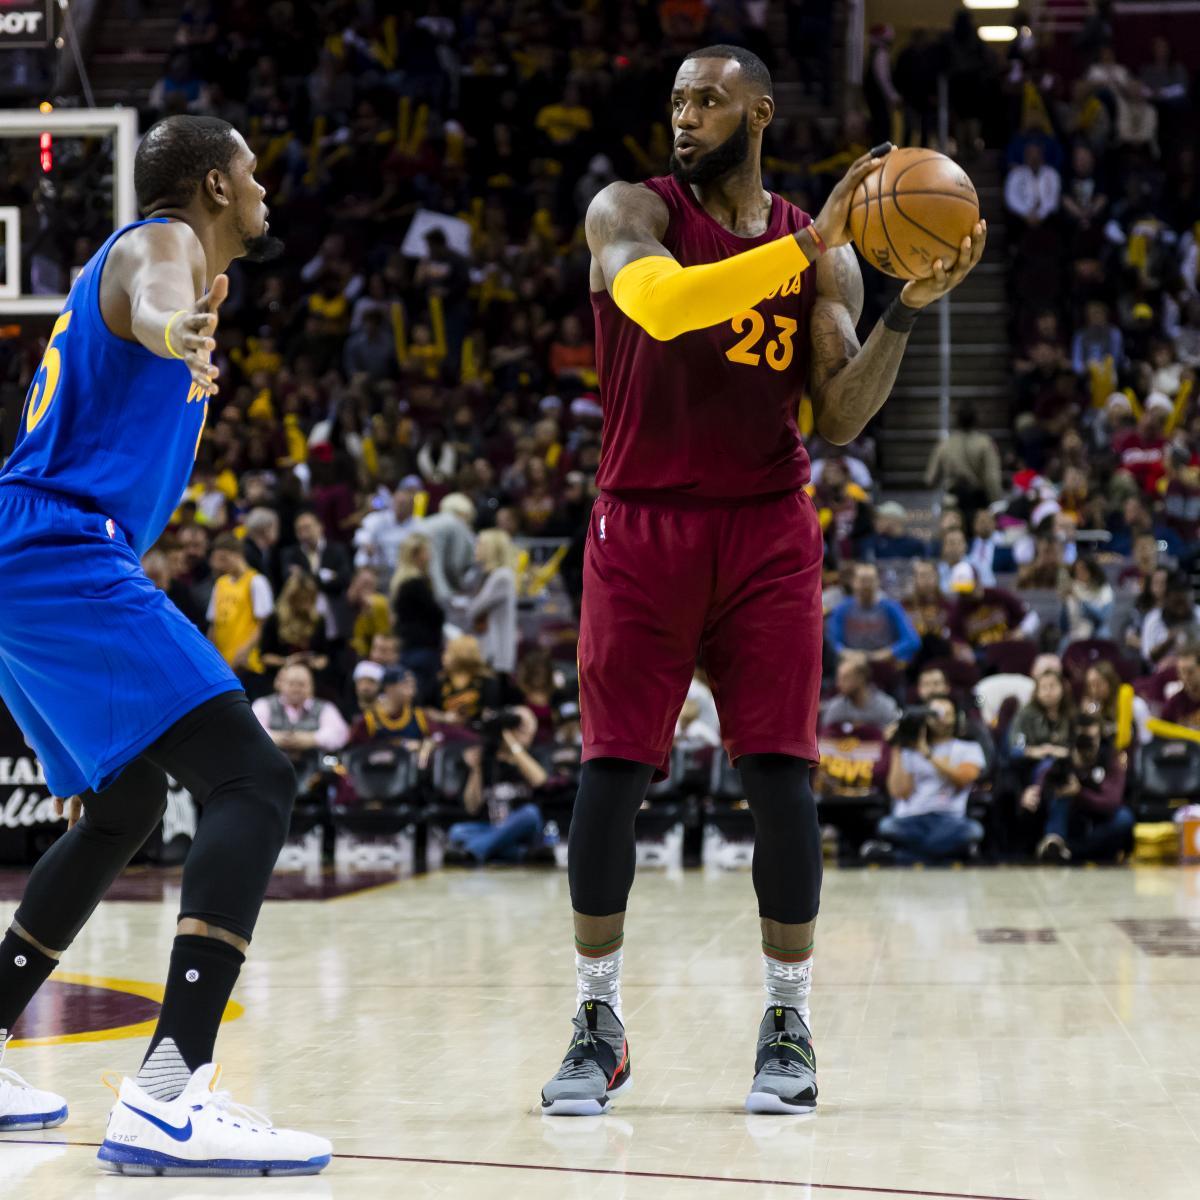 NBA Finals 2017: Cavaliers Vs. Warriors Schedule, Format